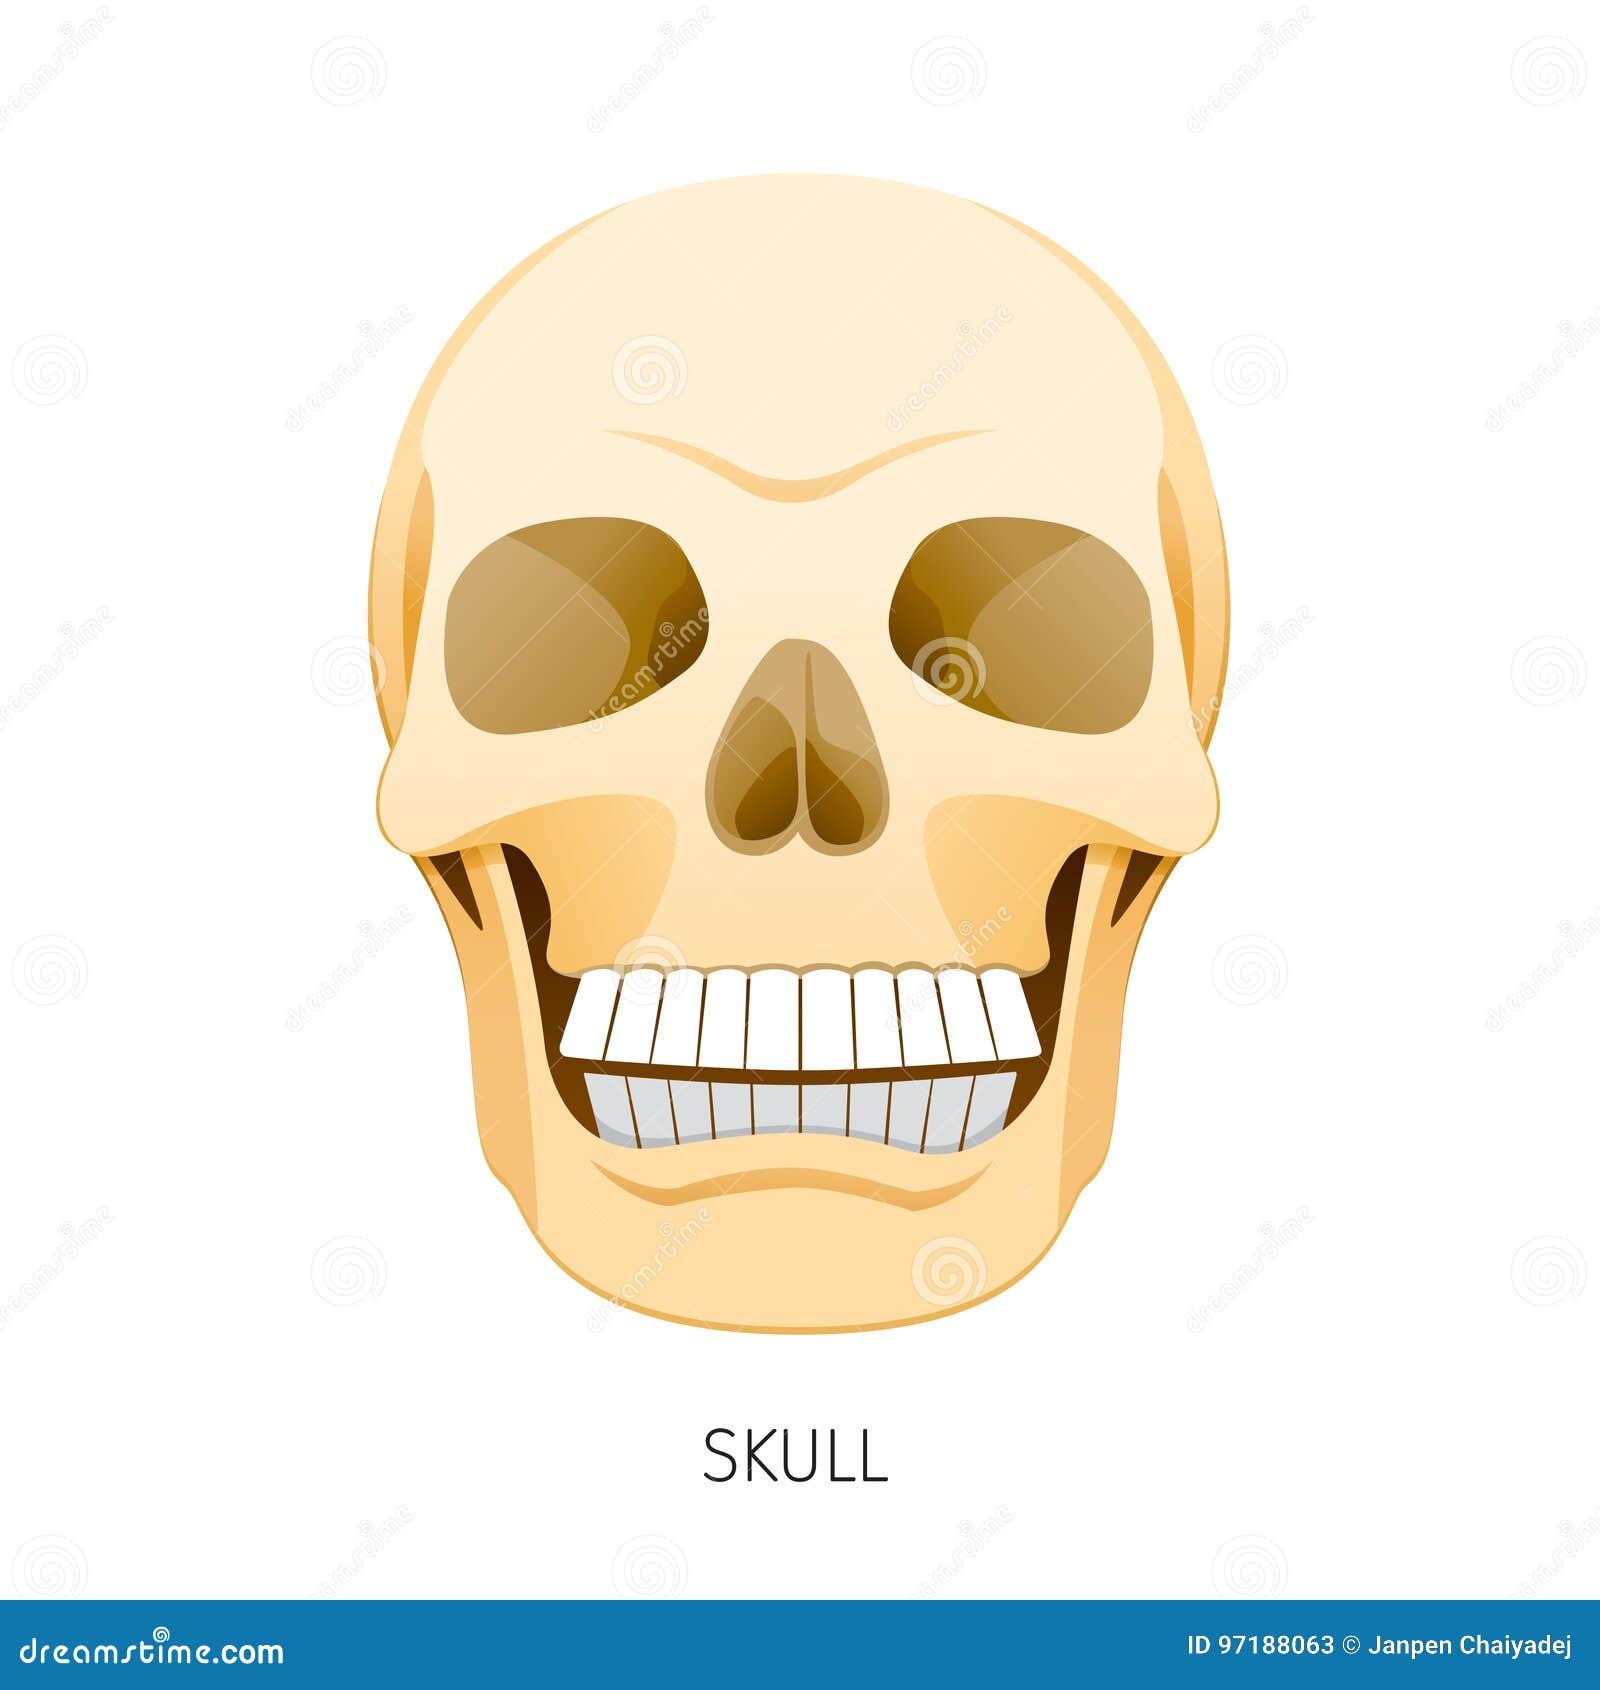 Skull, Human Internal Organs Organ Diagram Stock Vector ...